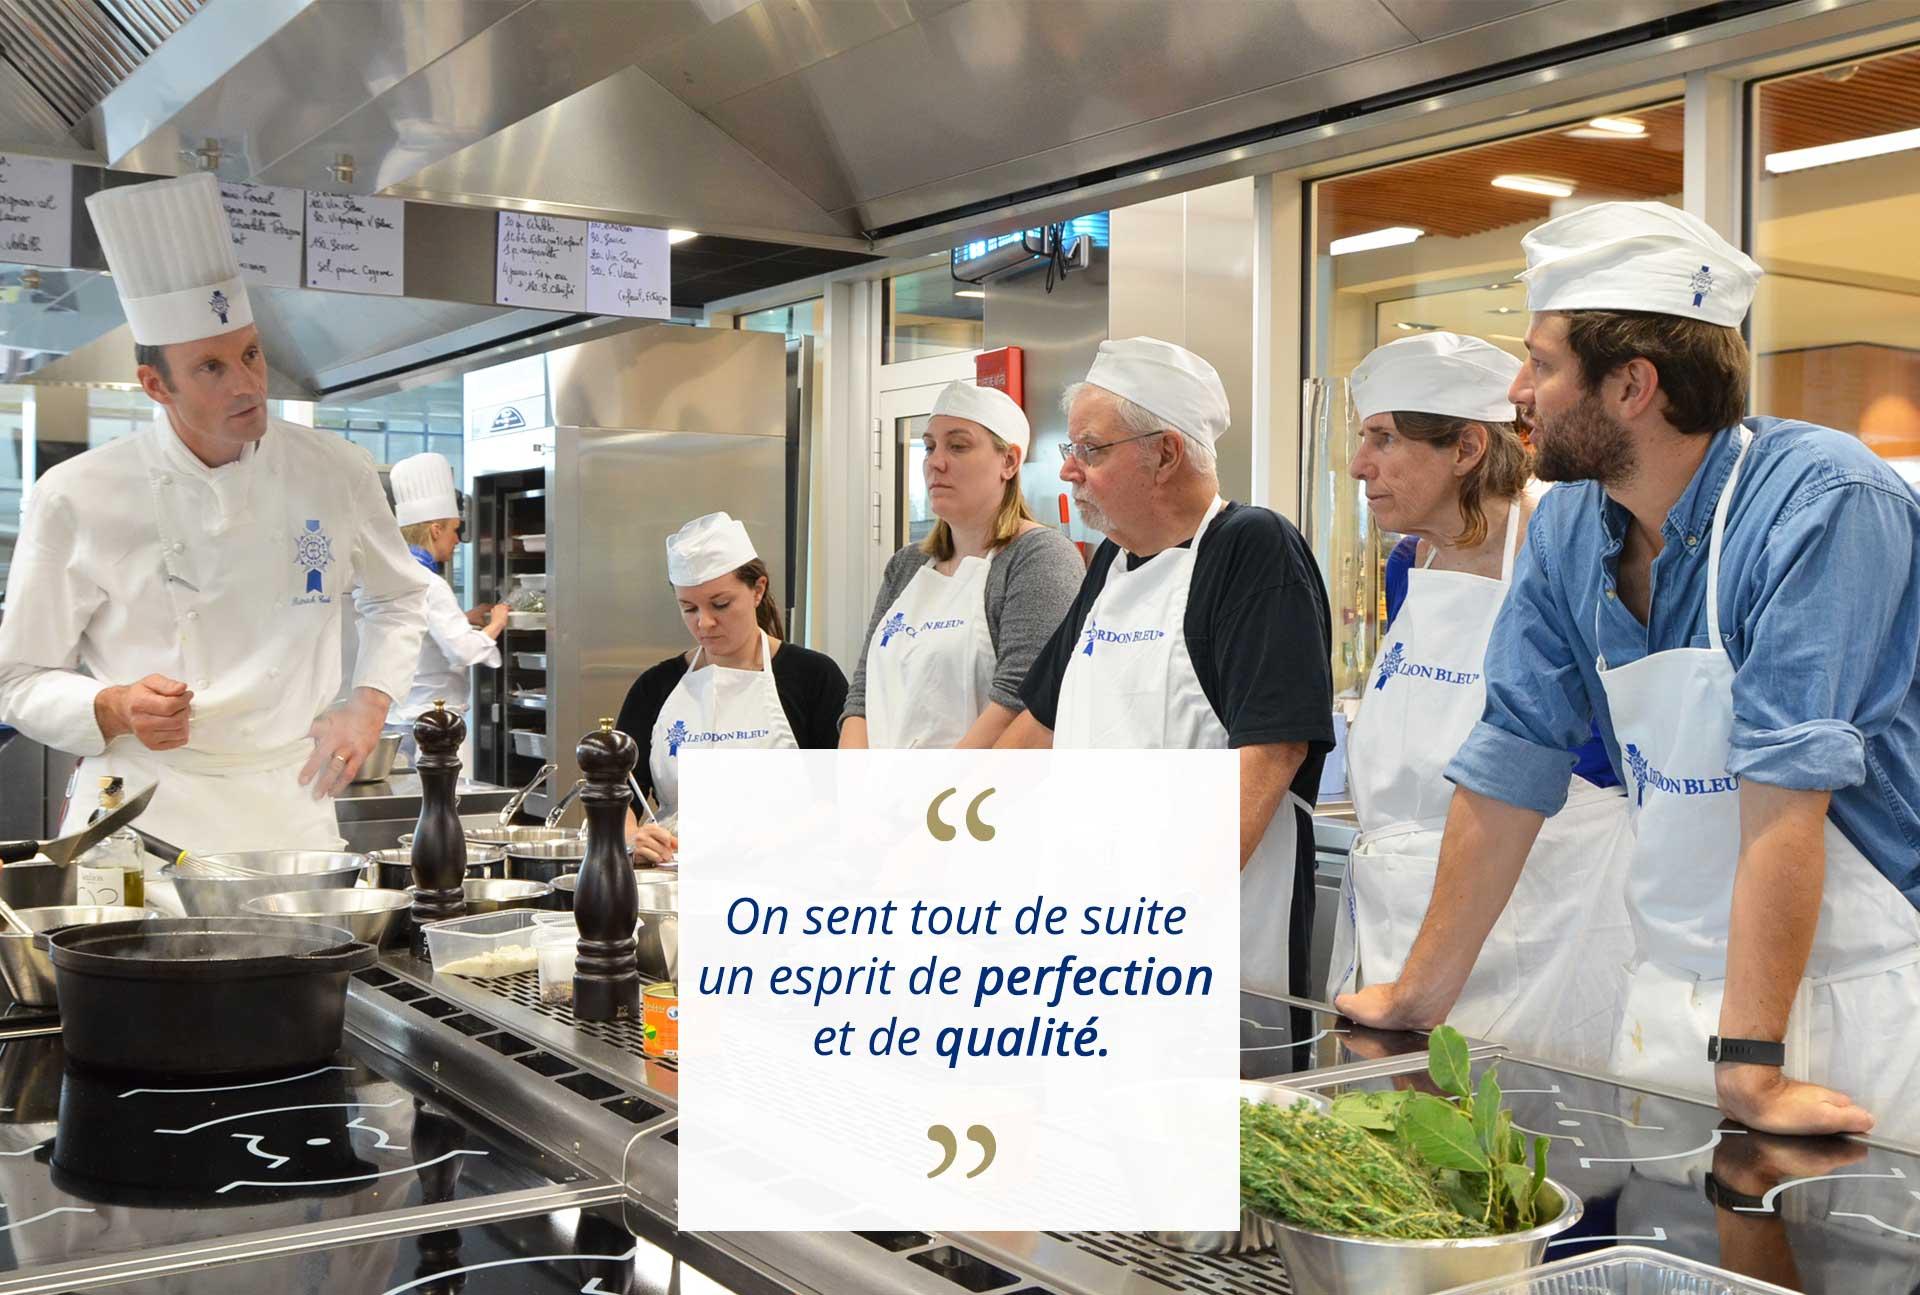 Avis ateliers cours de cuisine paris par audren de - Cours de cuisine cordon bleu ...